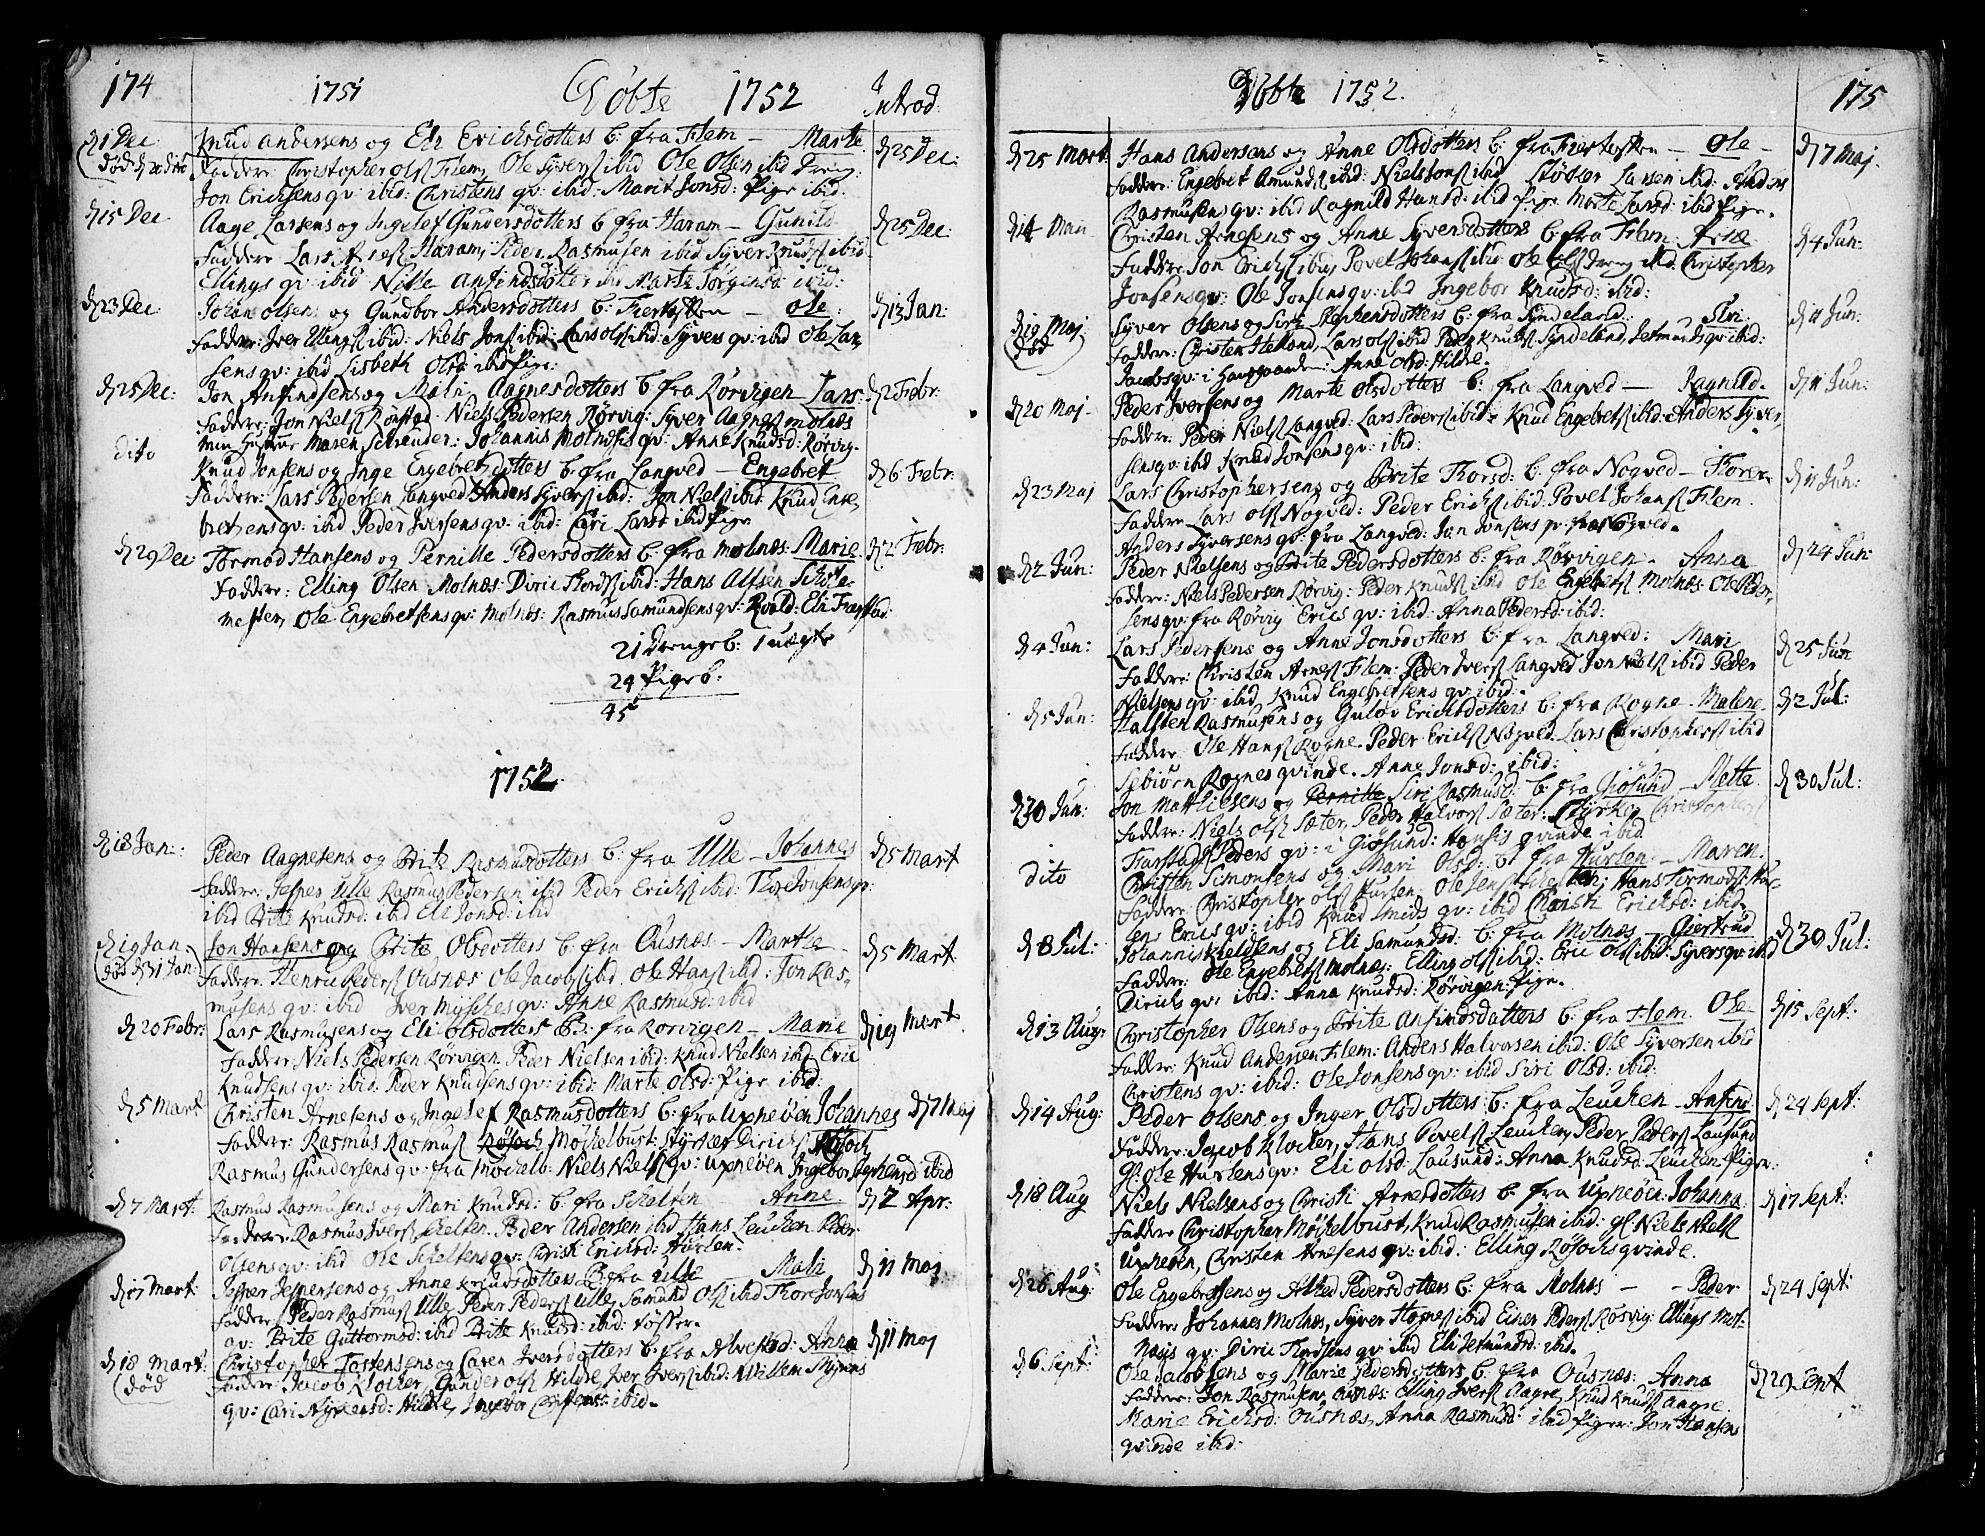 SAT, Ministerialprotokoller, klokkerbøker og fødselsregistre - Møre og Romsdal, 536/L0493: Ministerialbok nr. 536A02, 1739-1802, s. 174-175